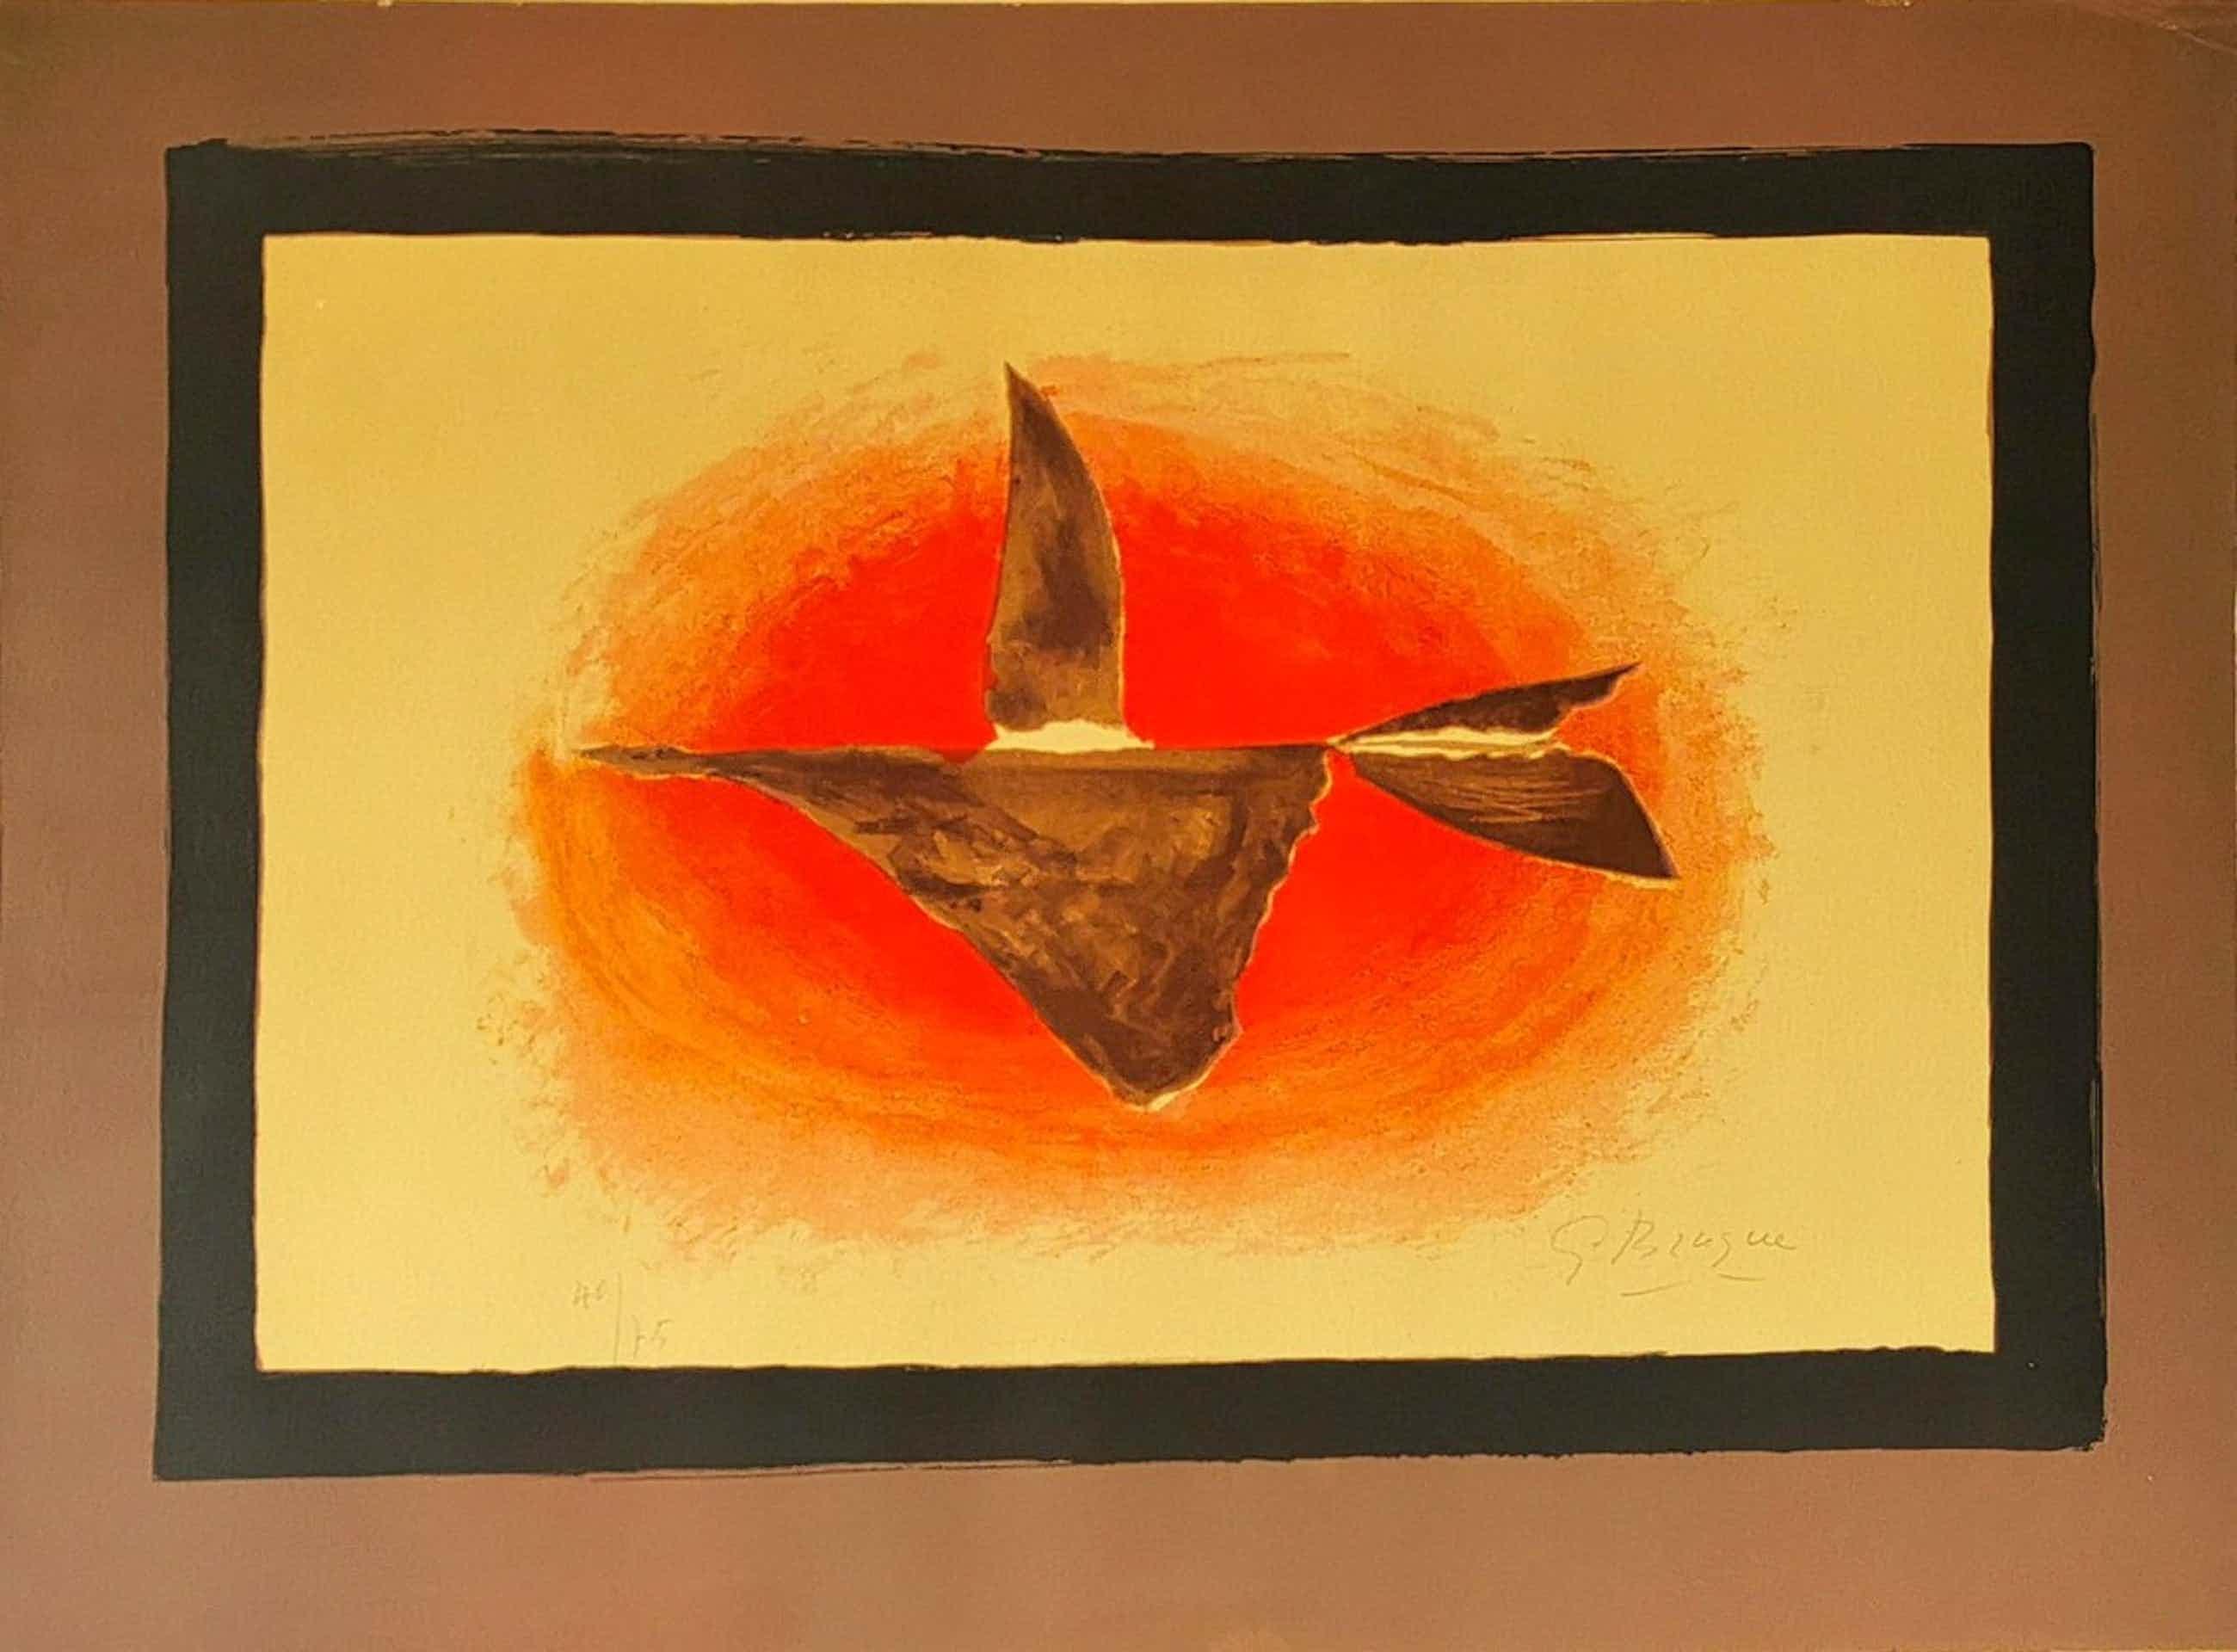 Georges Braque - Oiseau XVI, 1958 Signierte, nummerierte Lithografie kopen? Bied vanaf 3800!